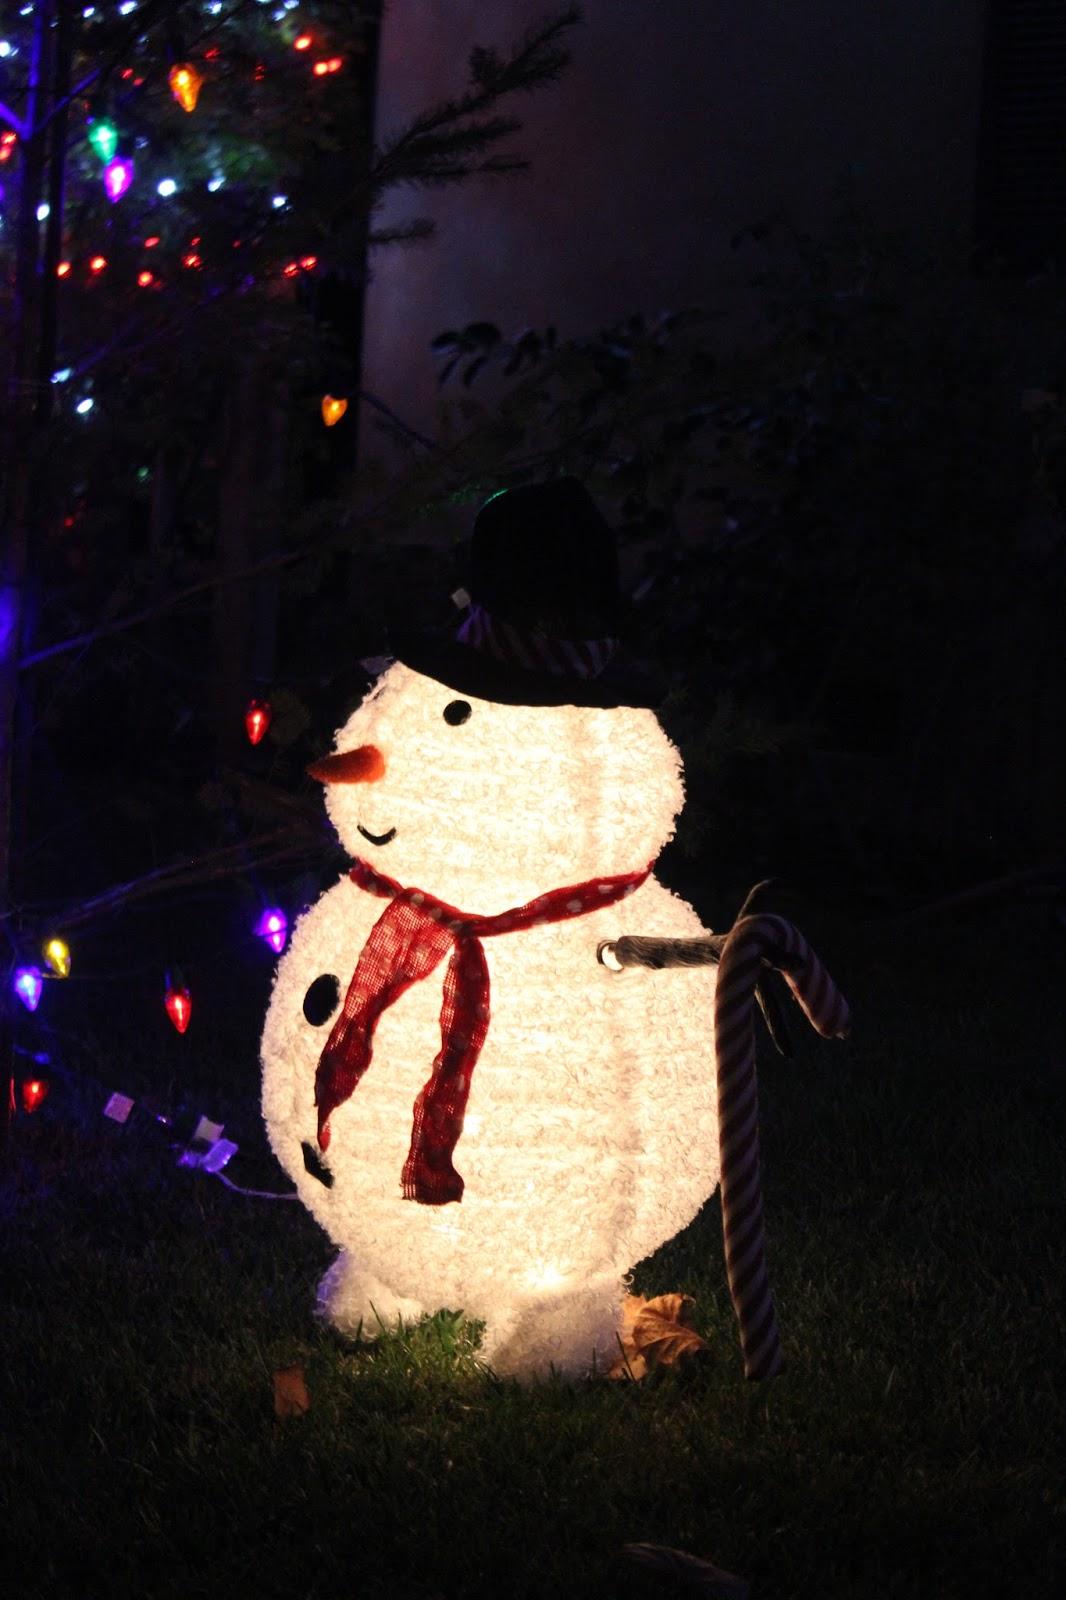 #BE8D0D Les Tribulations D'une Famille Française En Californie  5329 décorations de noel aux etats unis 1066x1600 px @ aertt.com